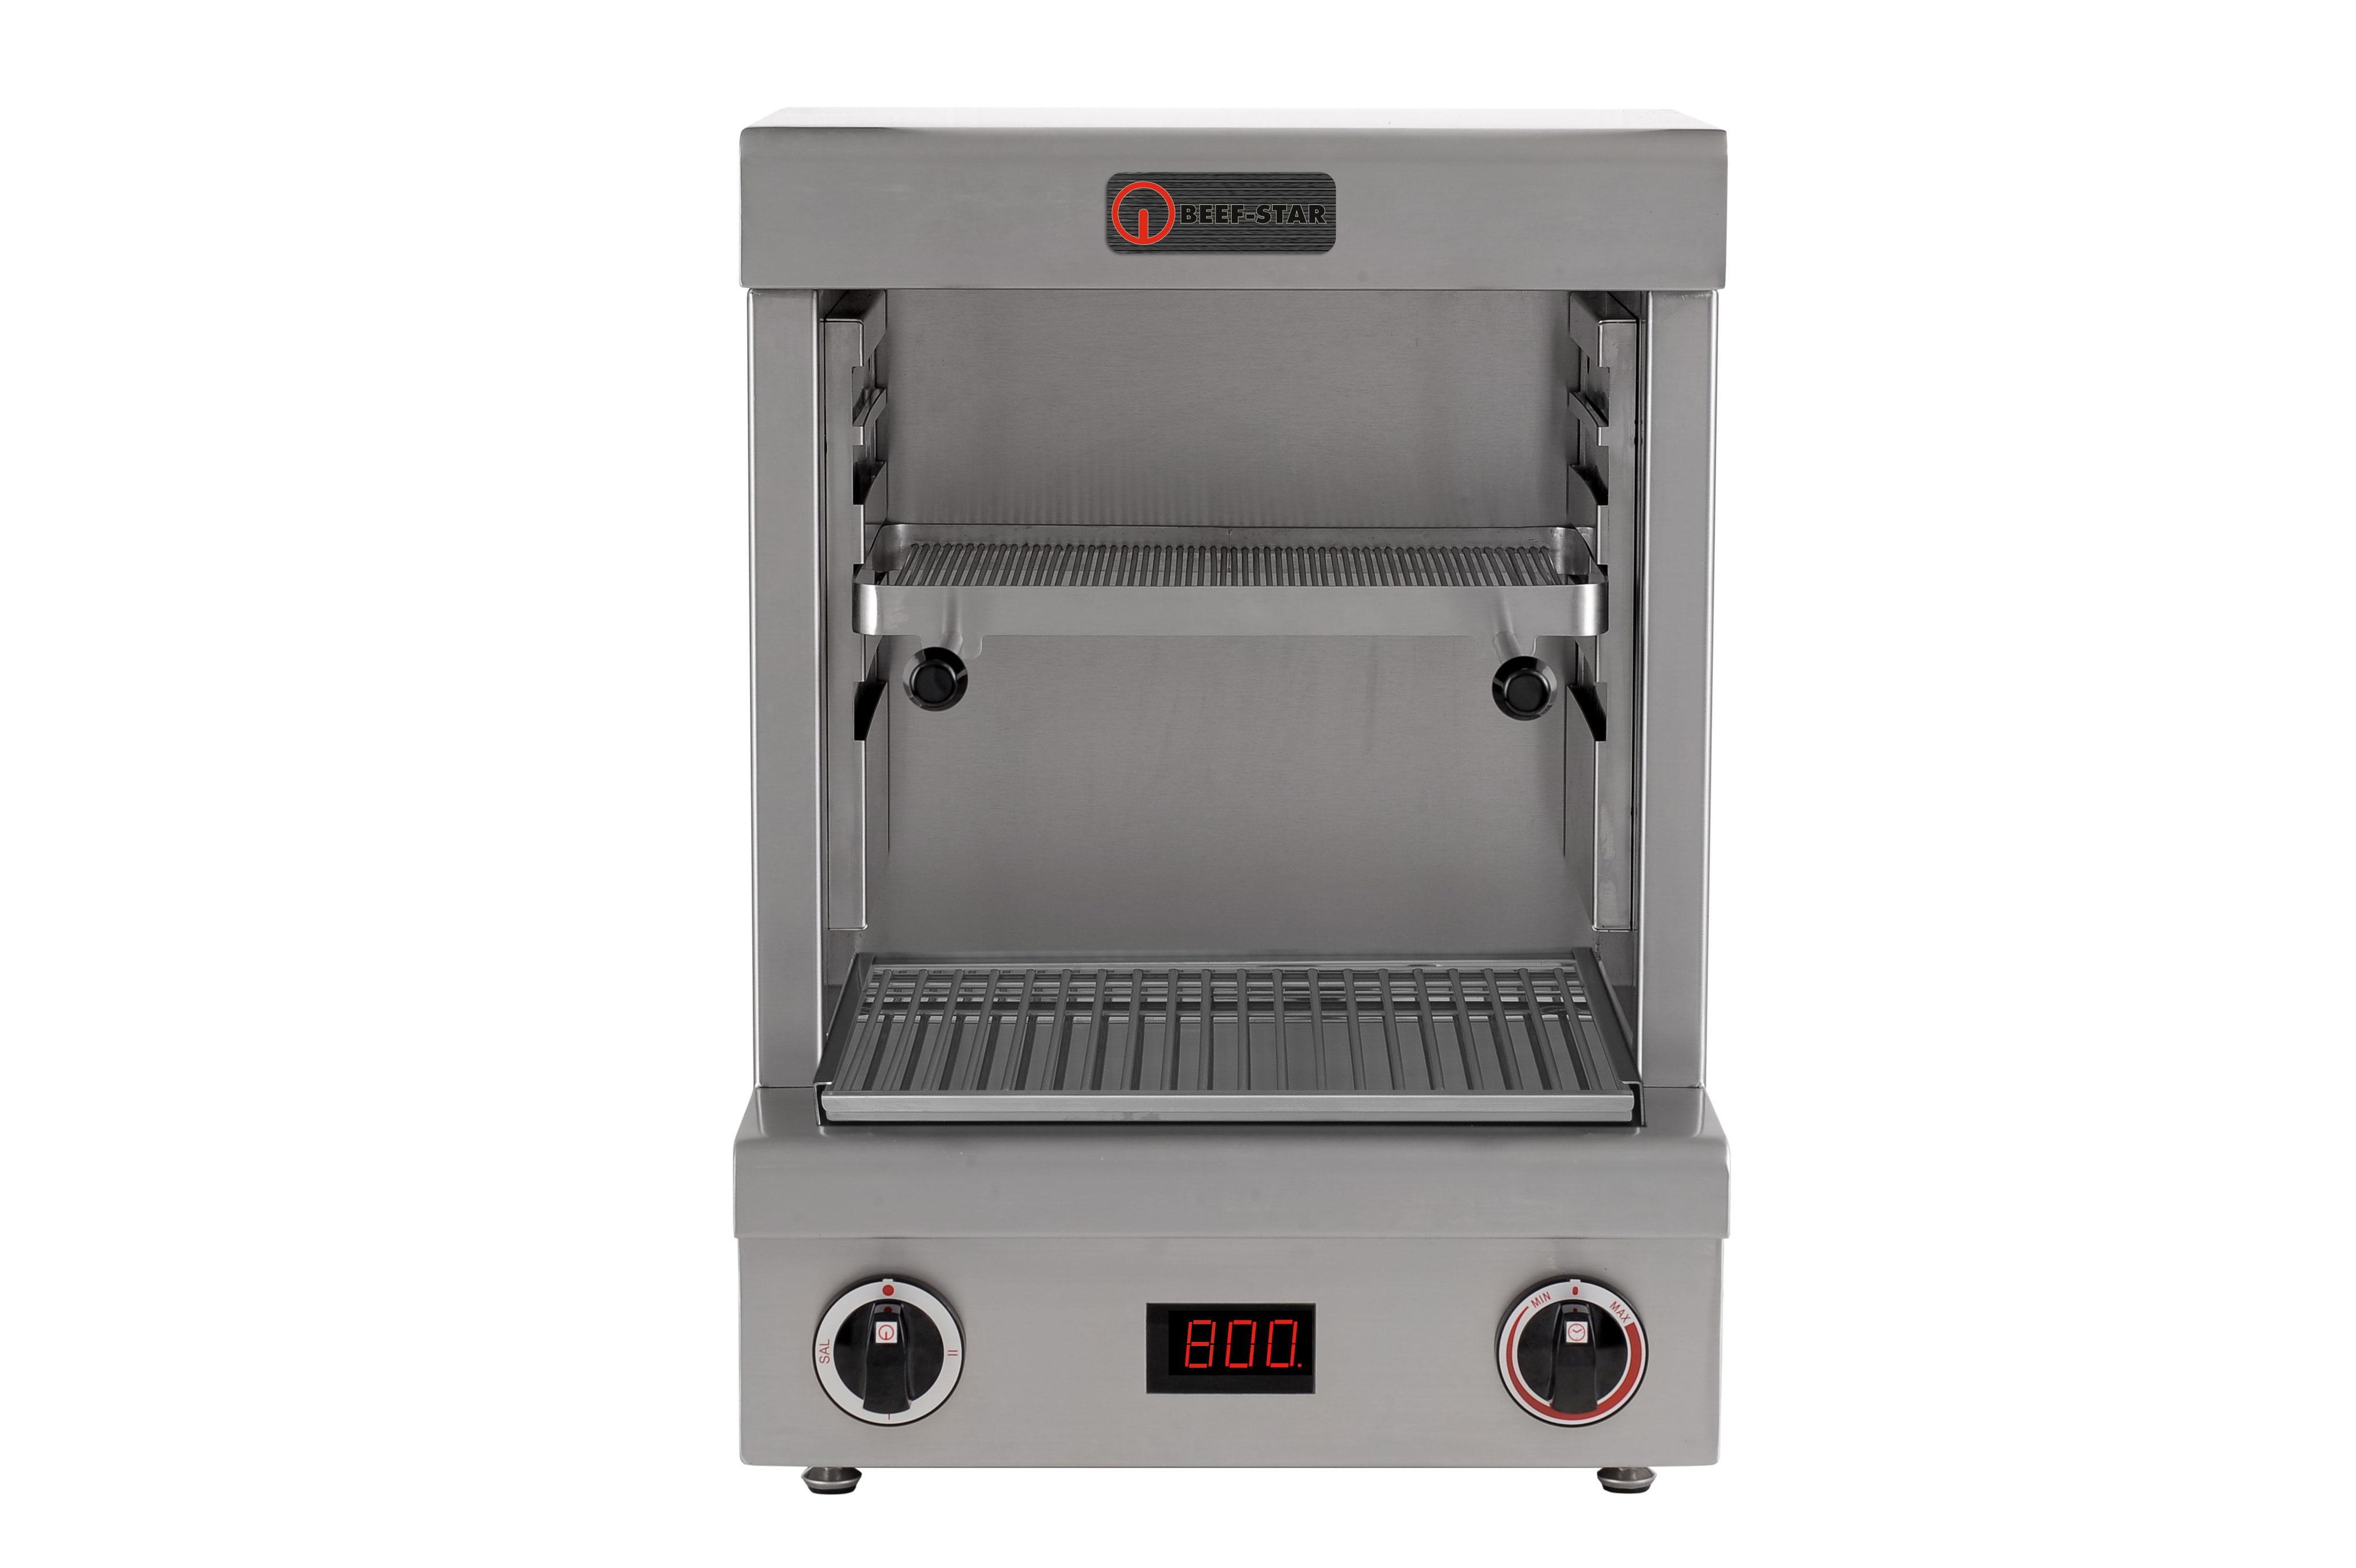 Kühlschrank Gebraucht : Kompressor kühlschrank defekt pleasant side by side gebraucht